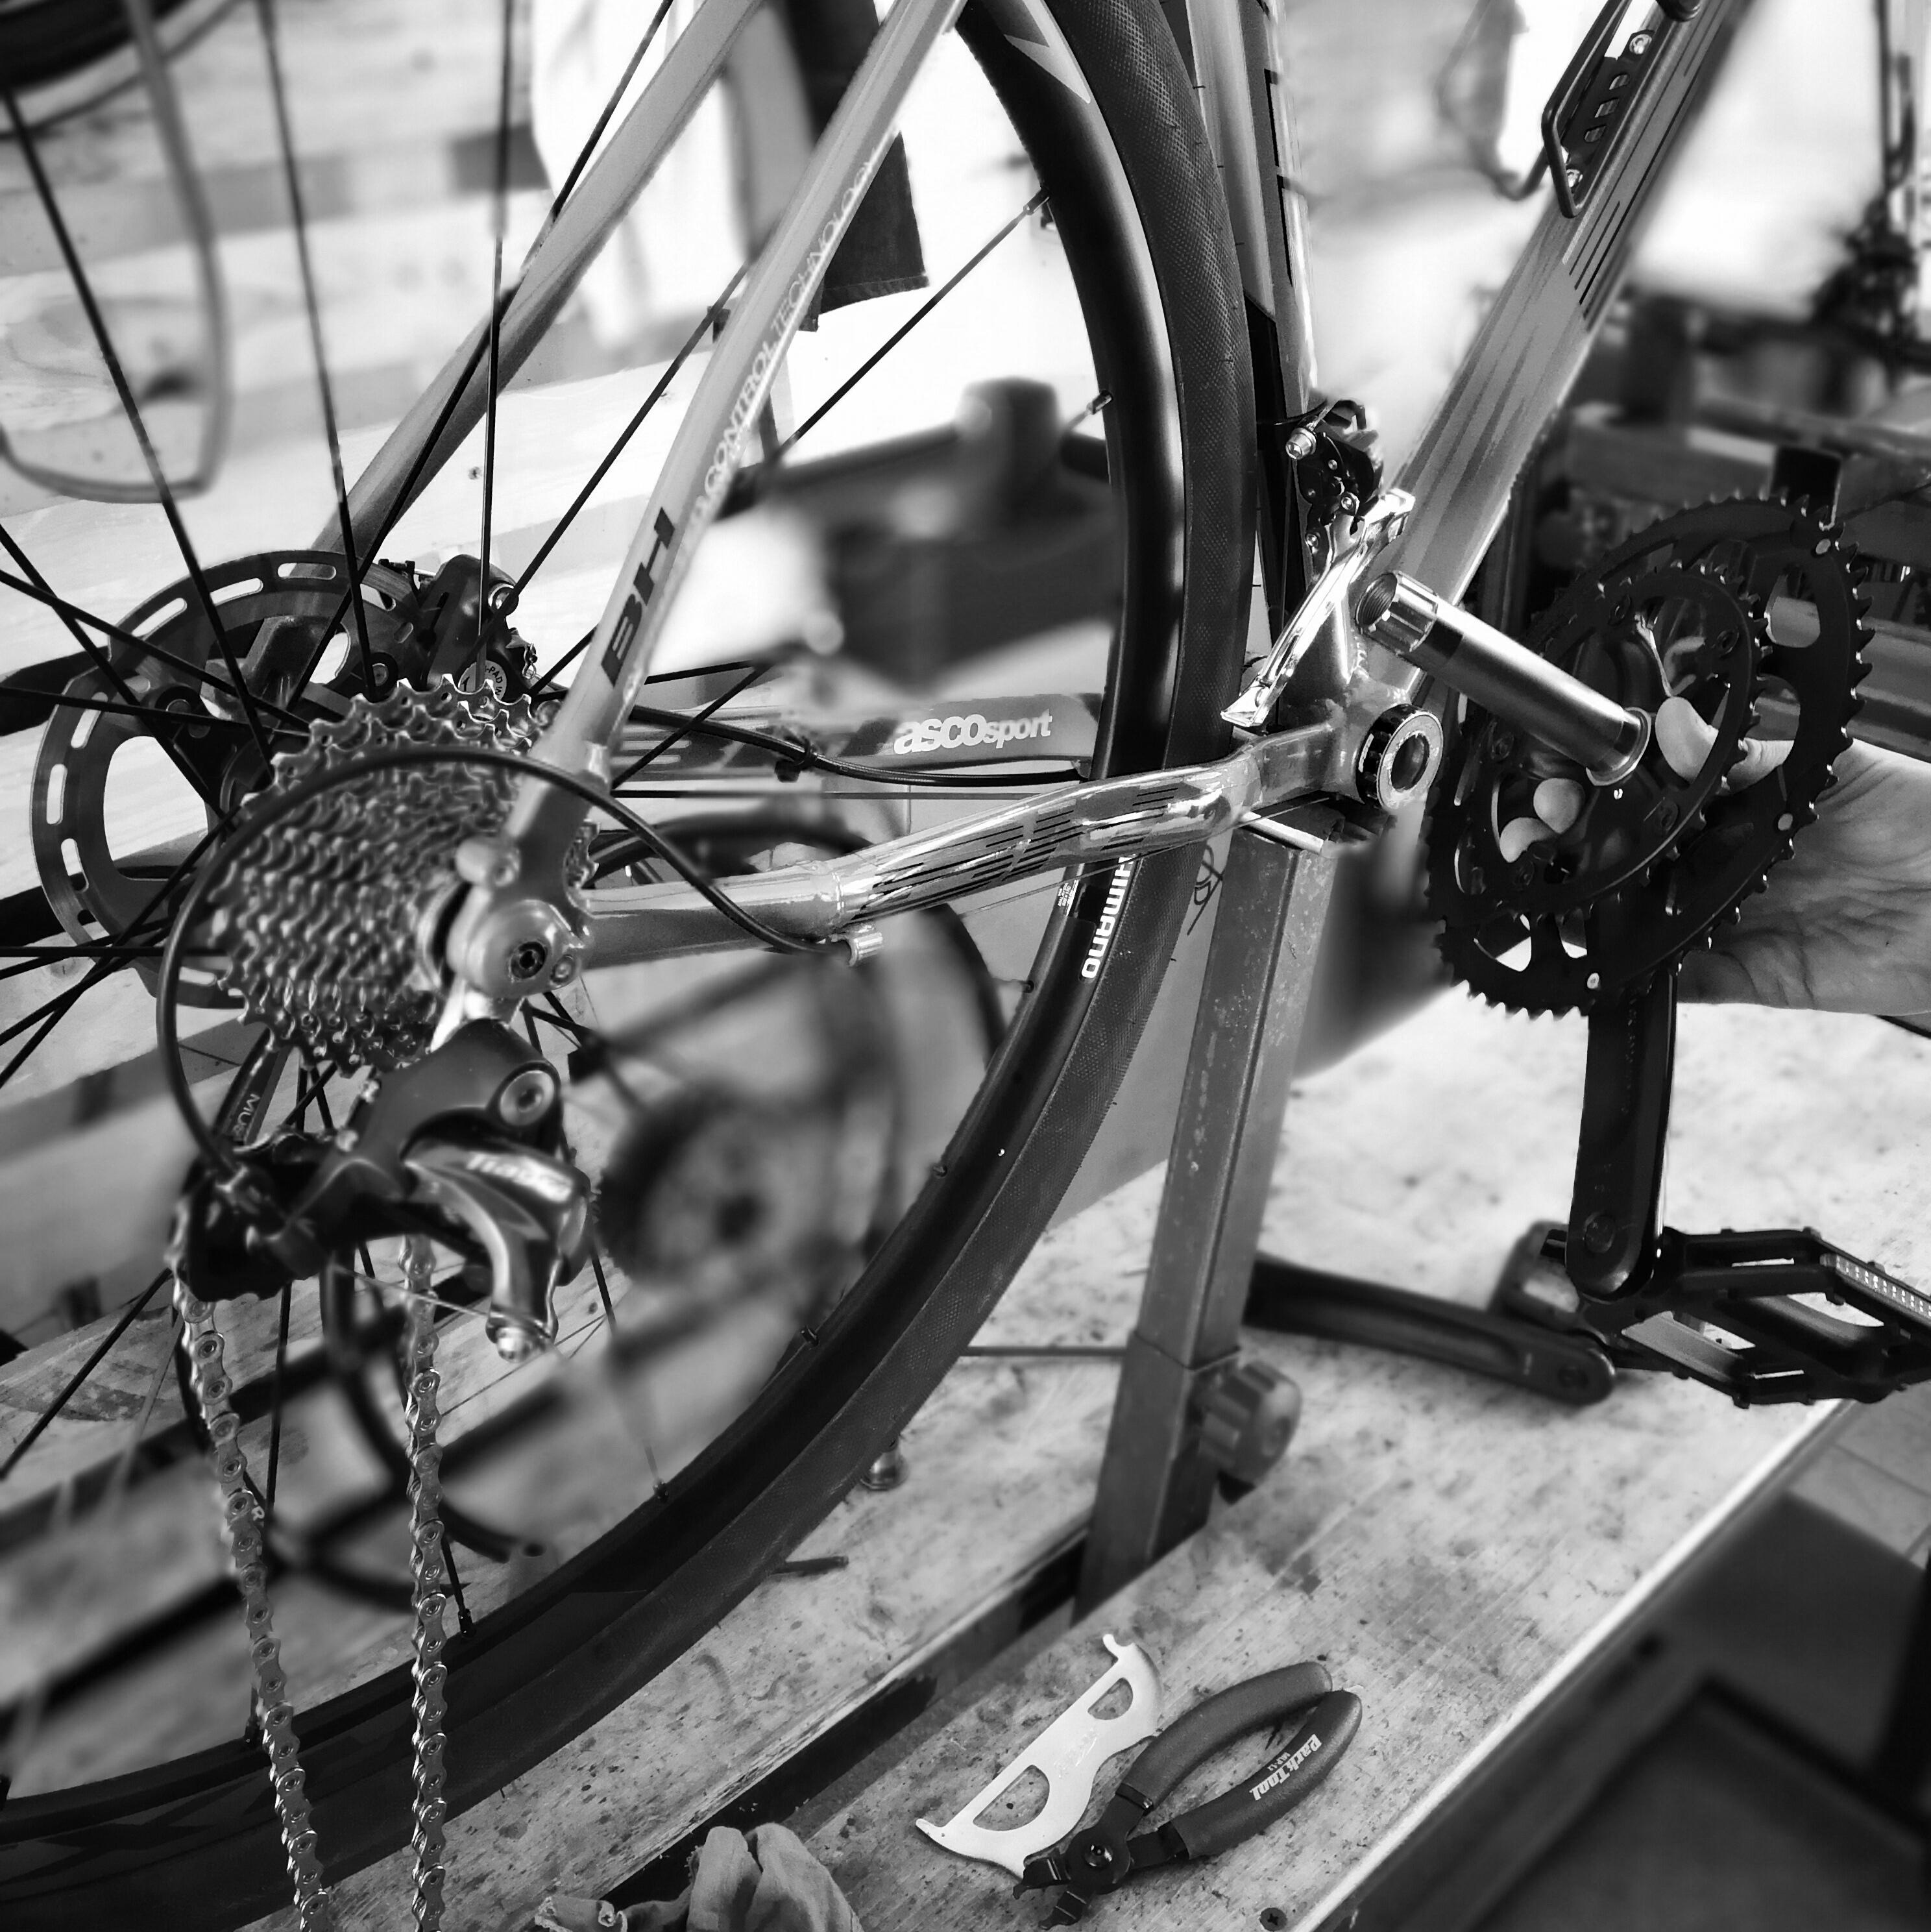 riparazione e manutenzione della trasmissione bici by Palo Alto bikes